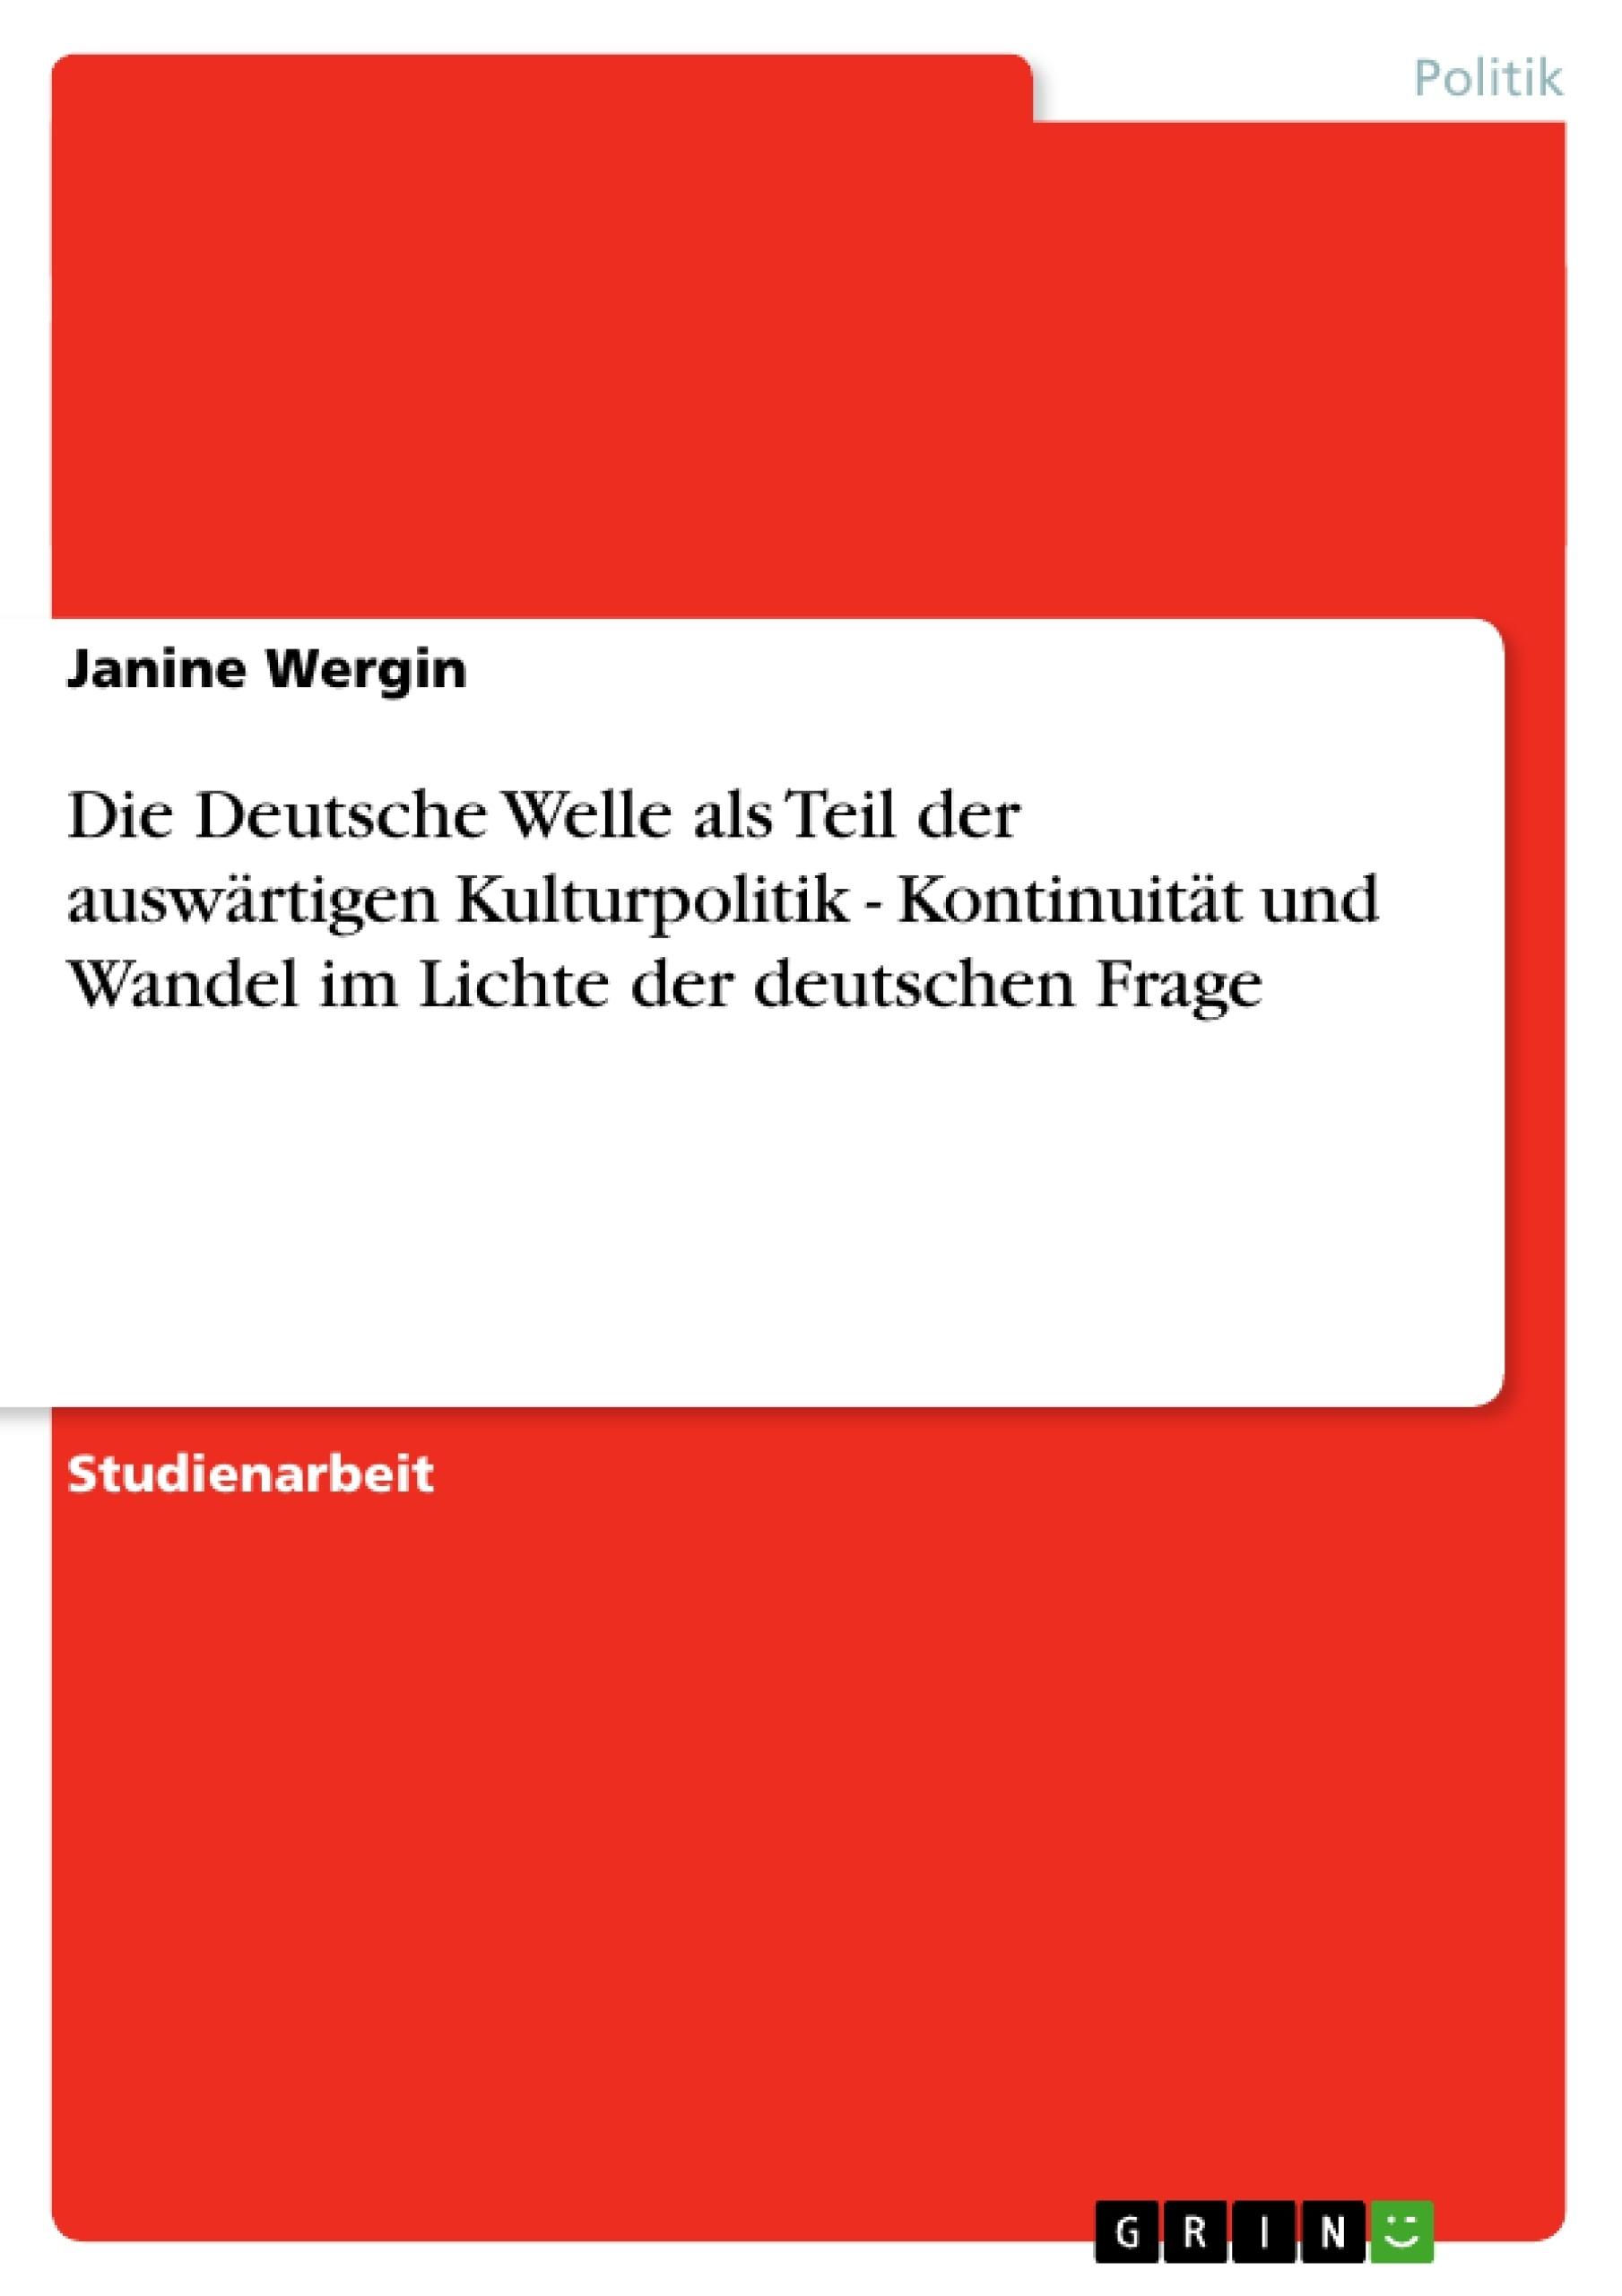 Titel: Die Deutsche Welle als Teil der auswärtigen Kulturpolitik - Kontinuität und Wandel im Lichte der deutschen Frage